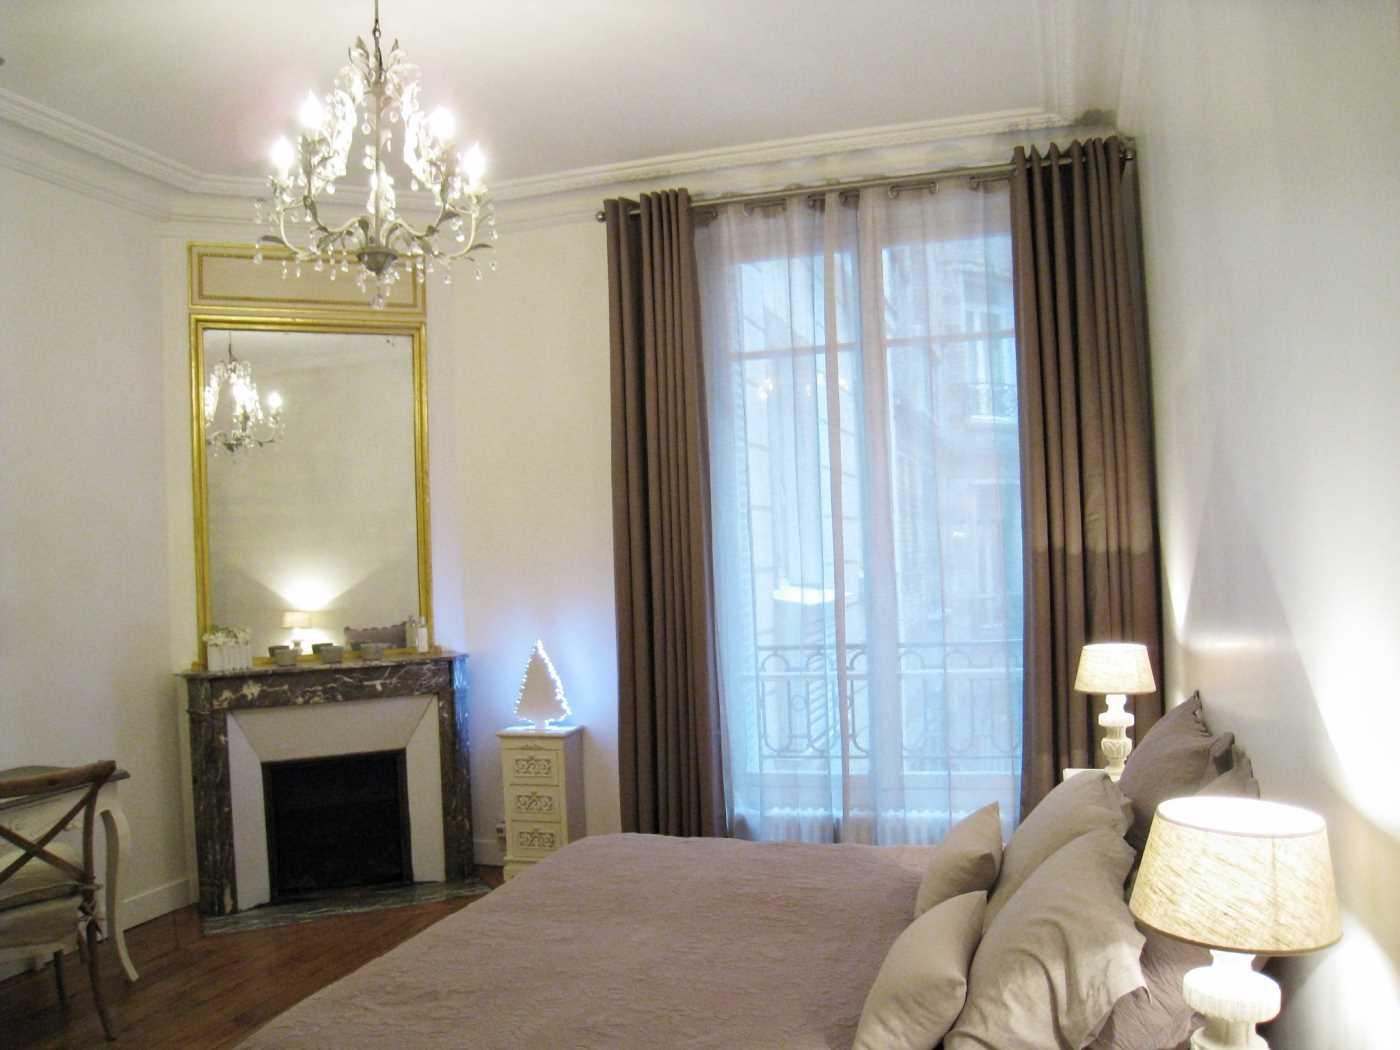 Location appartement meubl paris 17 cattalan johnson for Location paris meuble